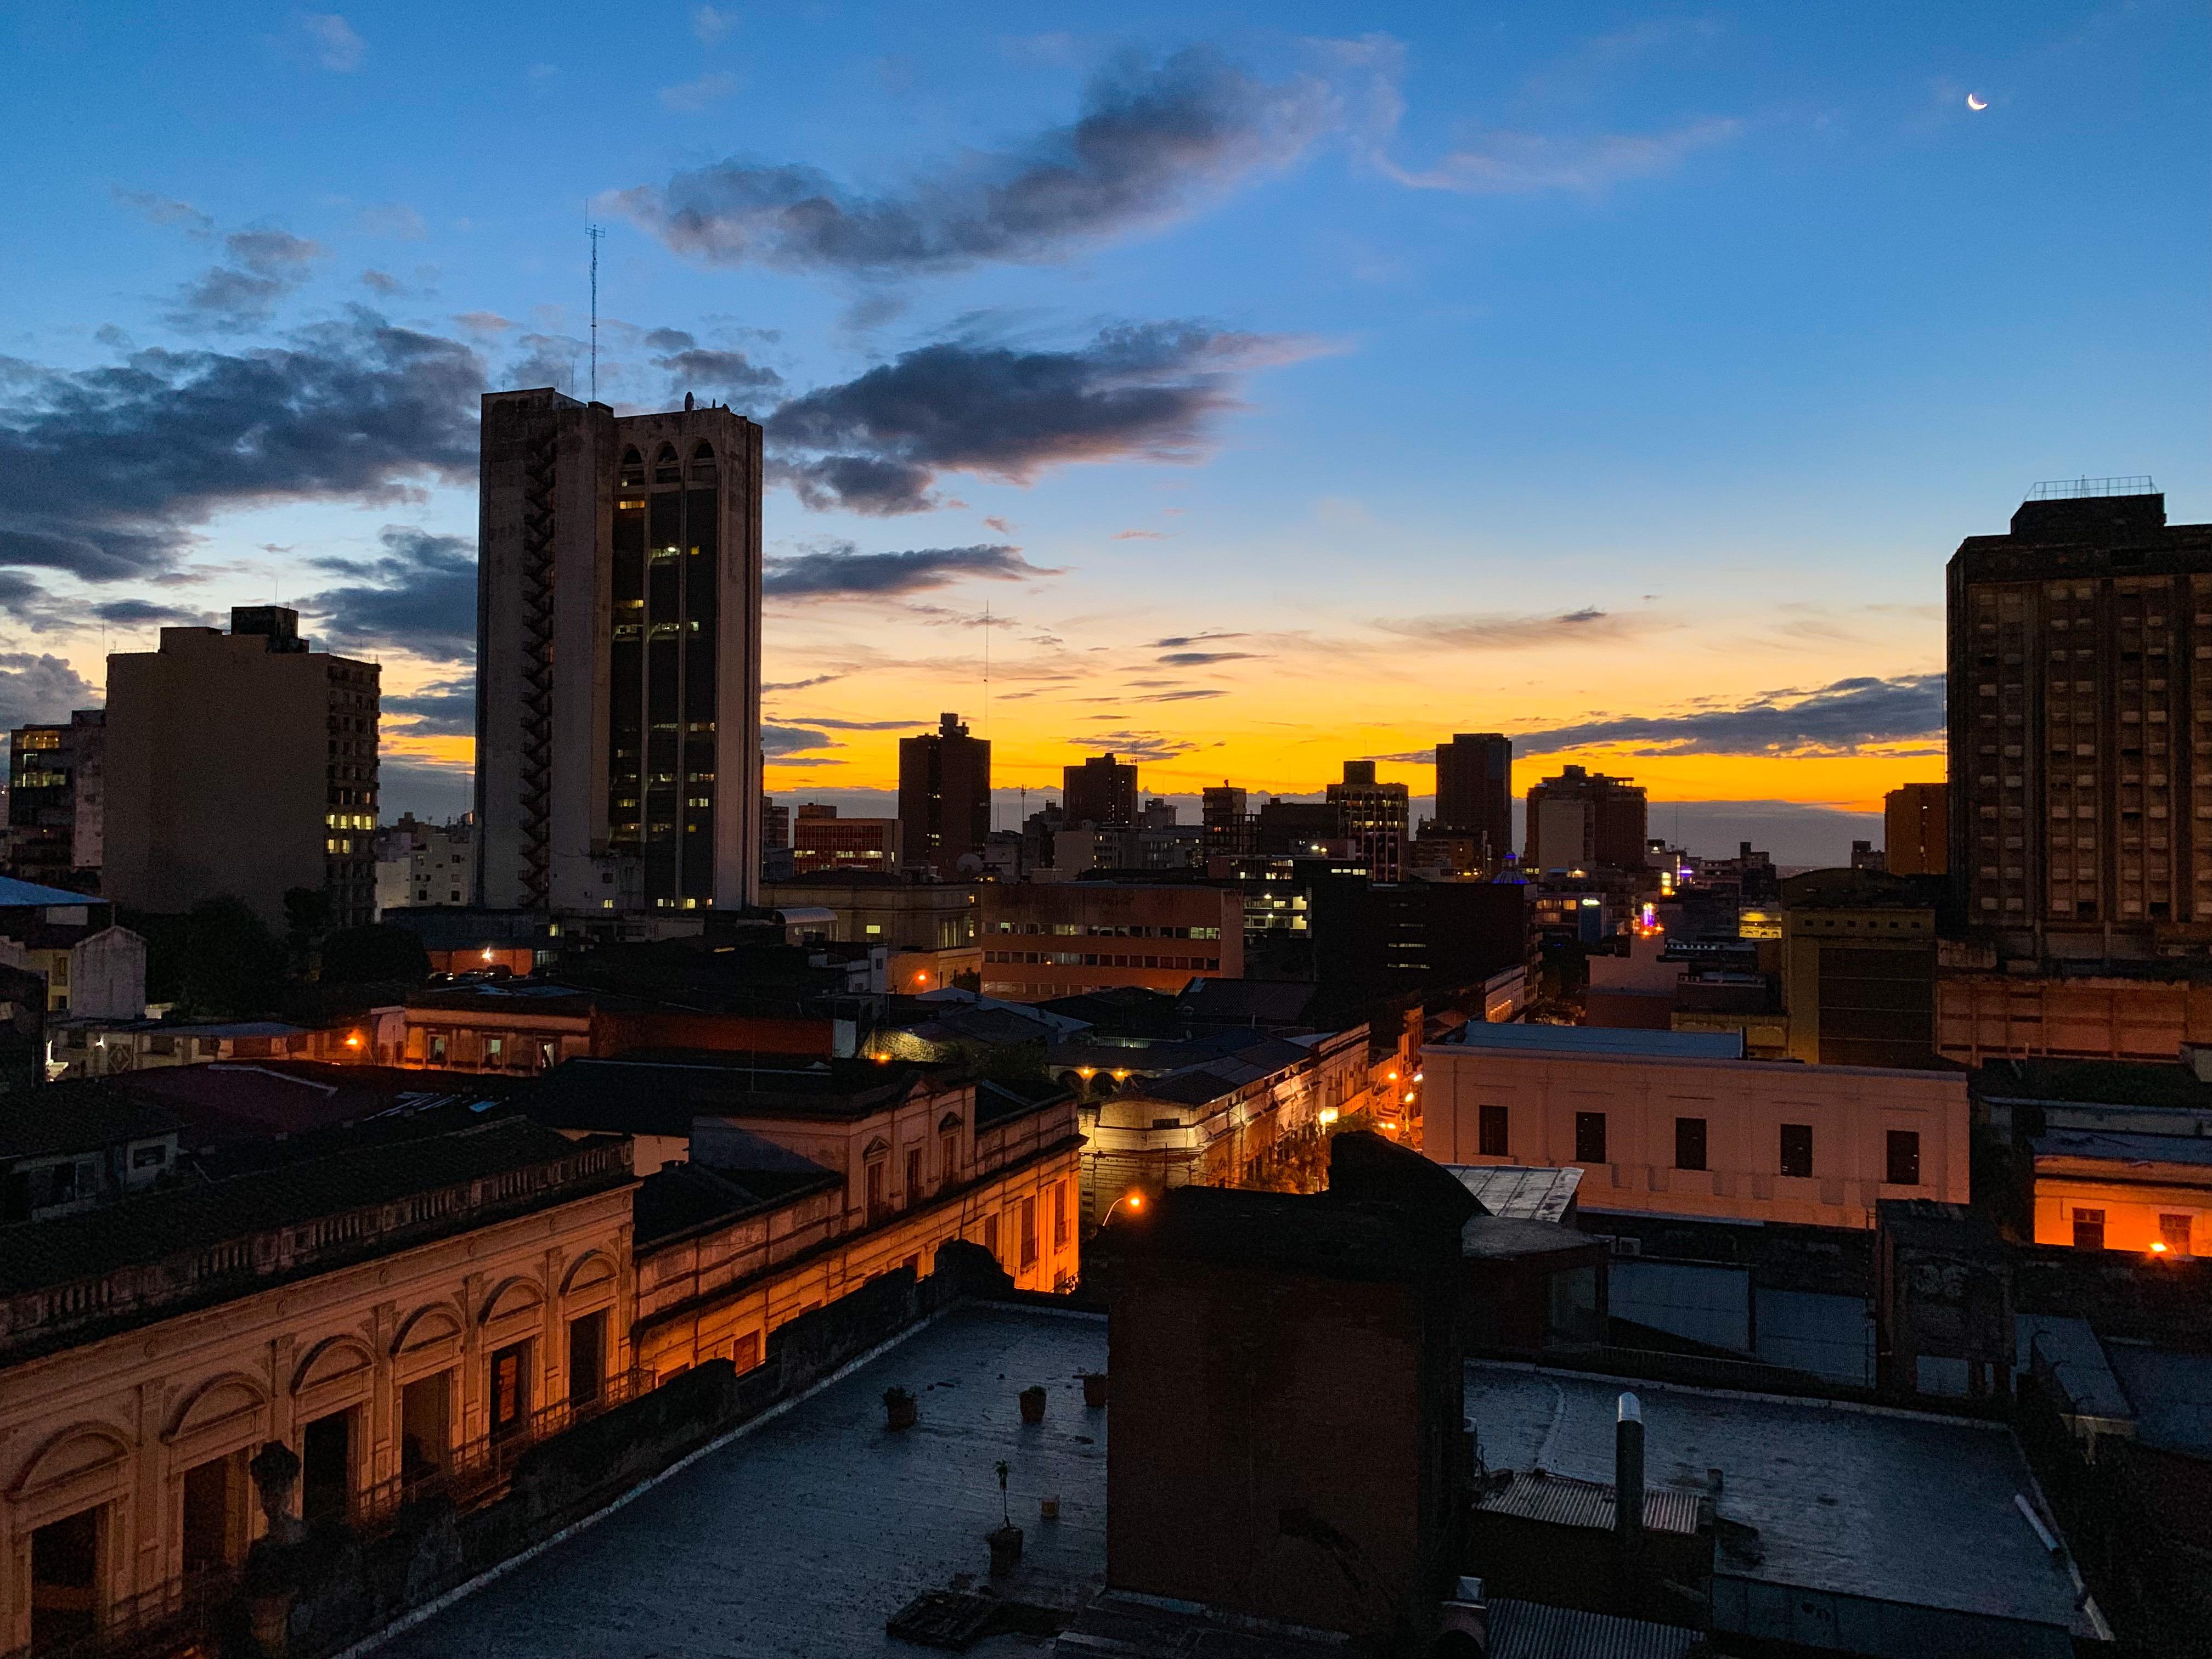 Archivo:Asunción am Abend.jpg - Wikipedia, la enciclopedia libre